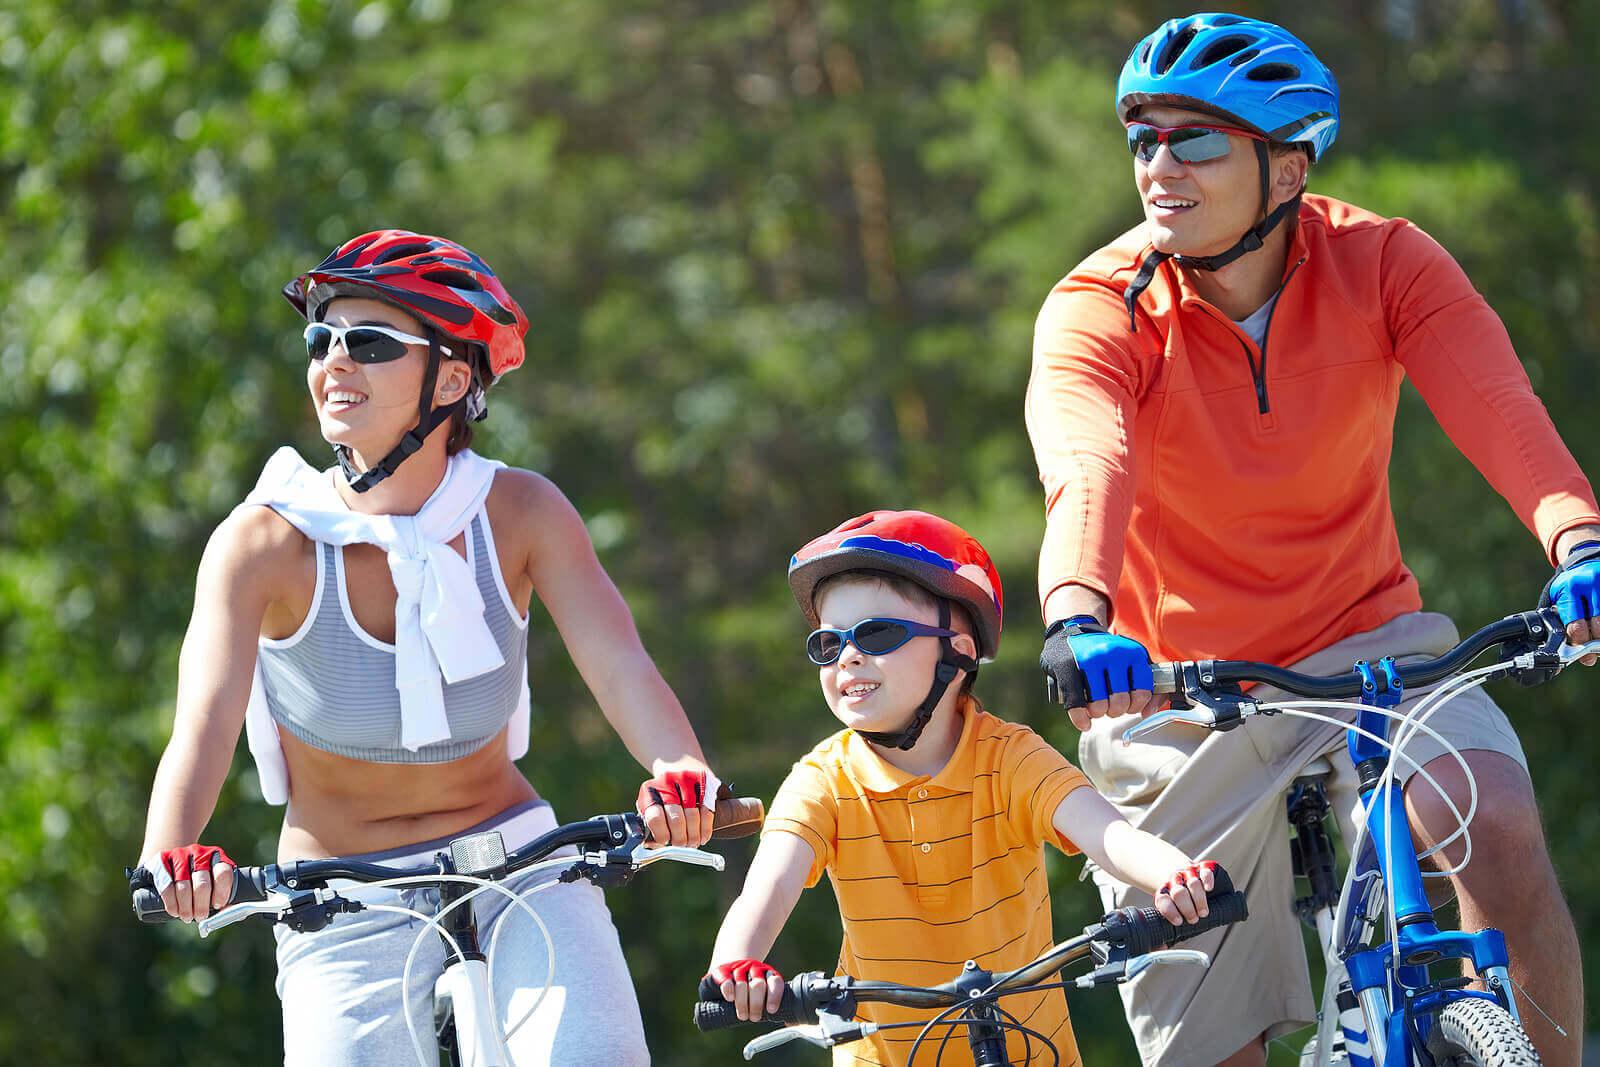 A importância de fazer com que as crianças se mantenham ativas